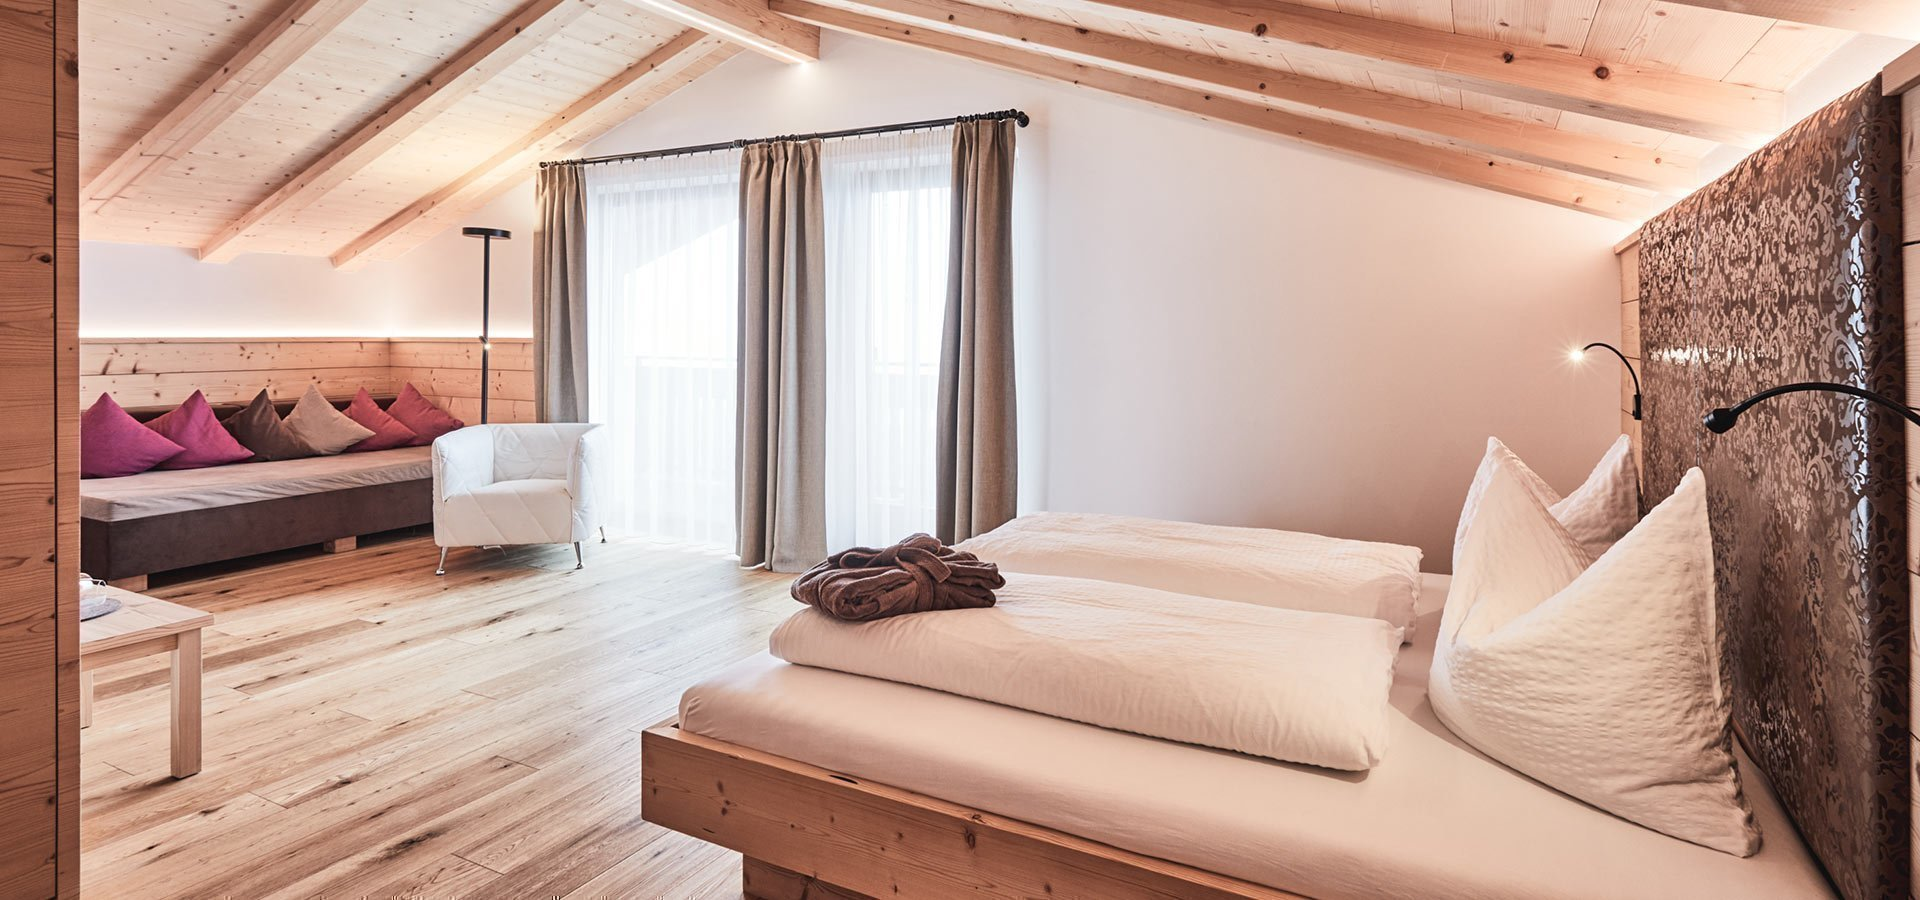 Allogio dell'Hotel Kristall a Maranza Alto Adige